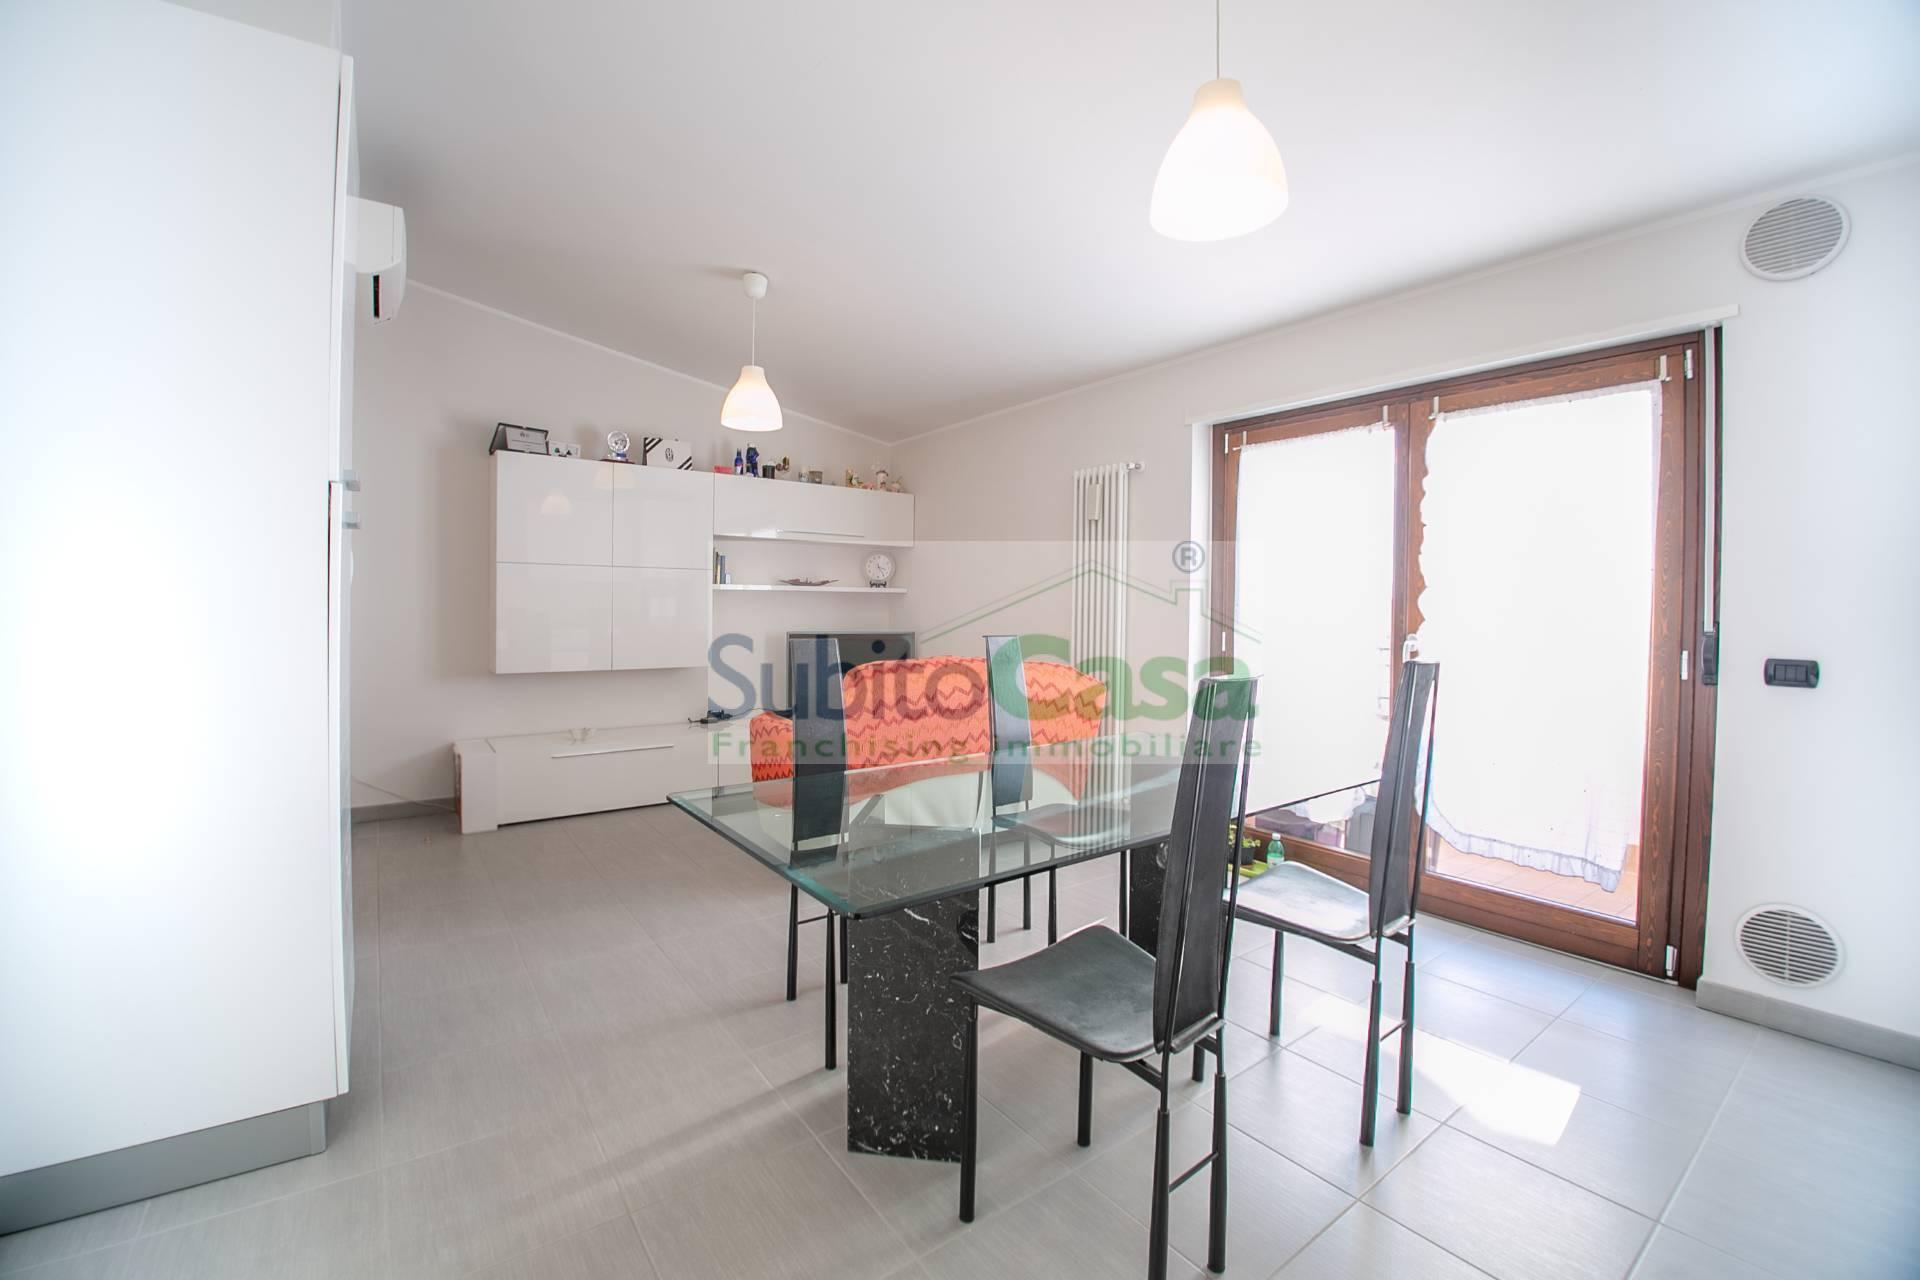 Appartamento in vendita a San Giovanni Teatino, 3 locali, zona Località: SambucetoCentro, prezzo € 105.000 | PortaleAgenzieImmobiliari.it